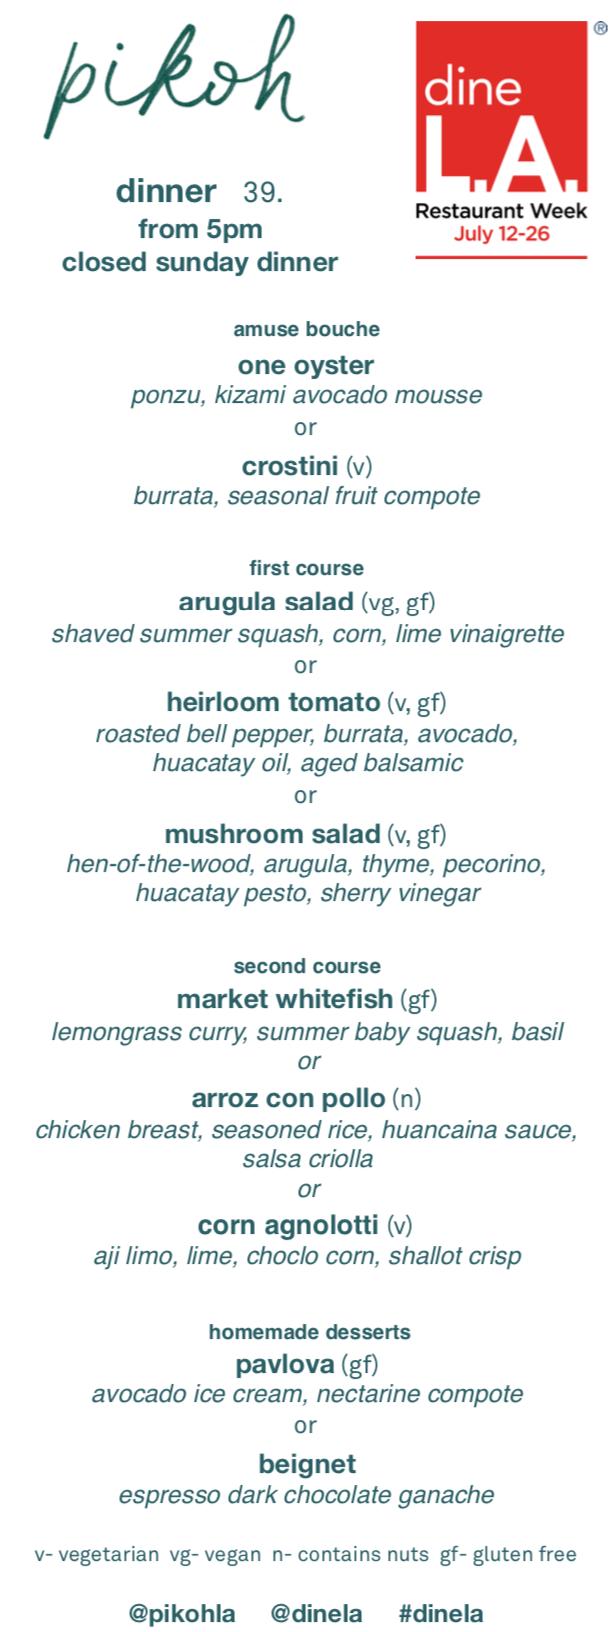 DineLa_Dinner_Website6.7.19.png